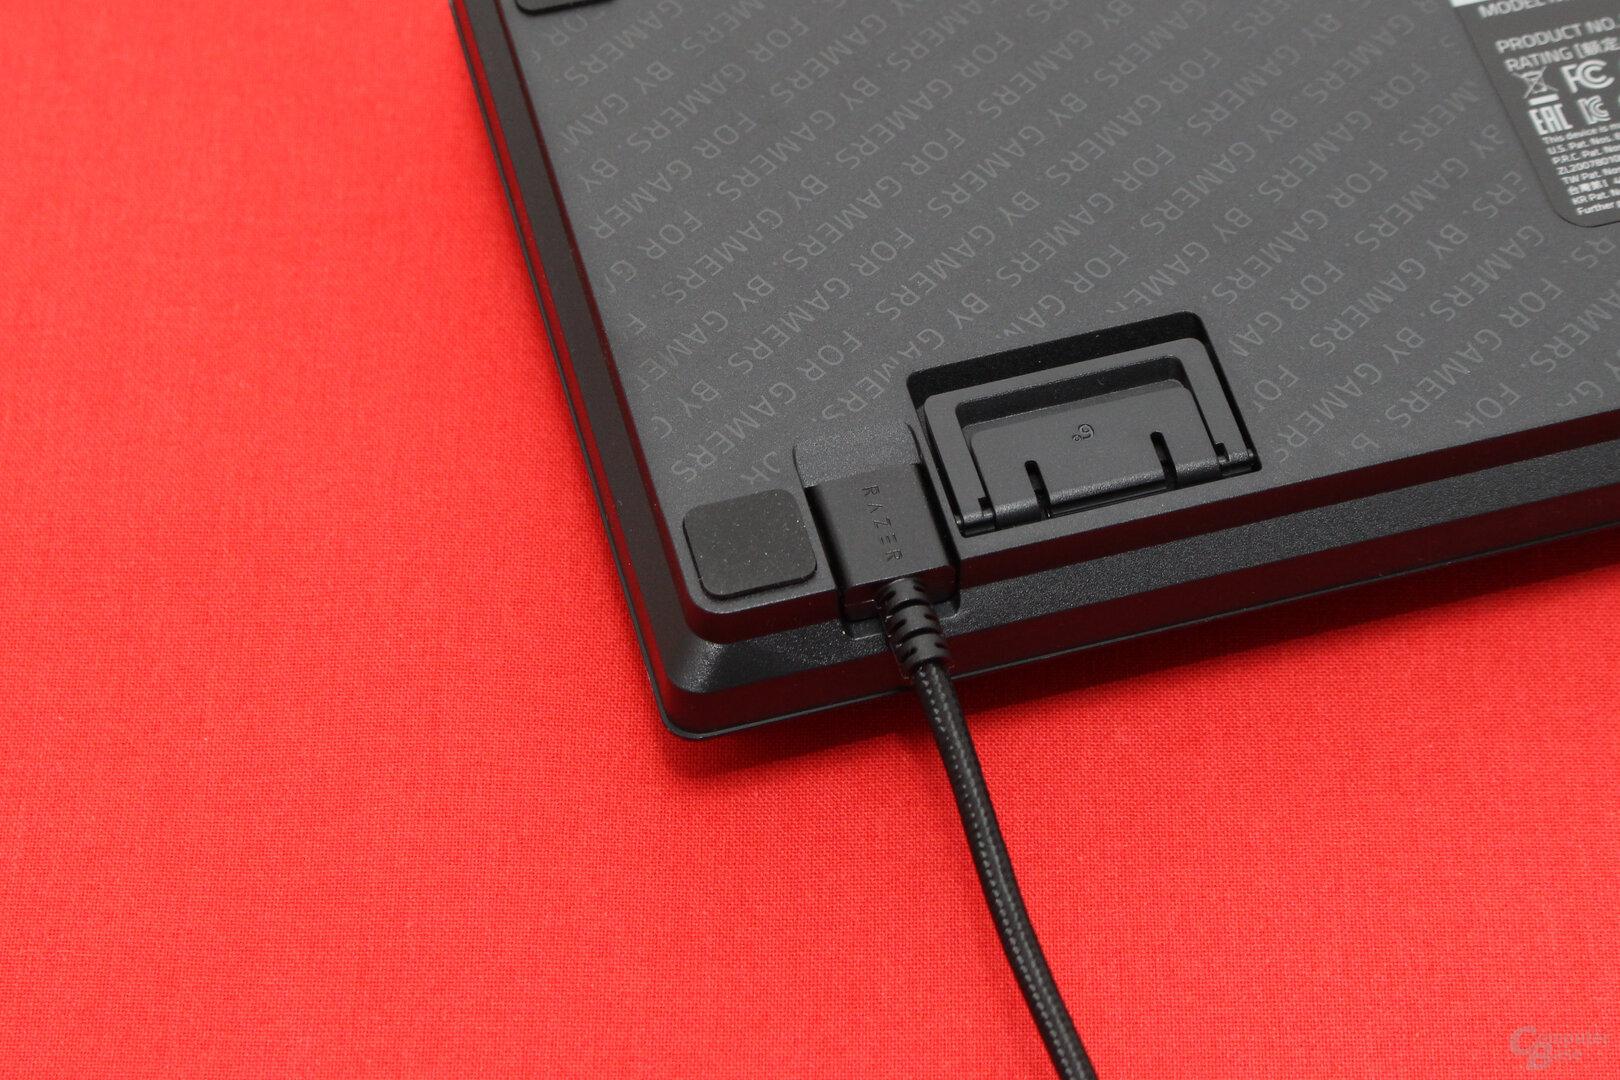 Das Verbindungskabel besitzt einen USB-Type-C-Stecker